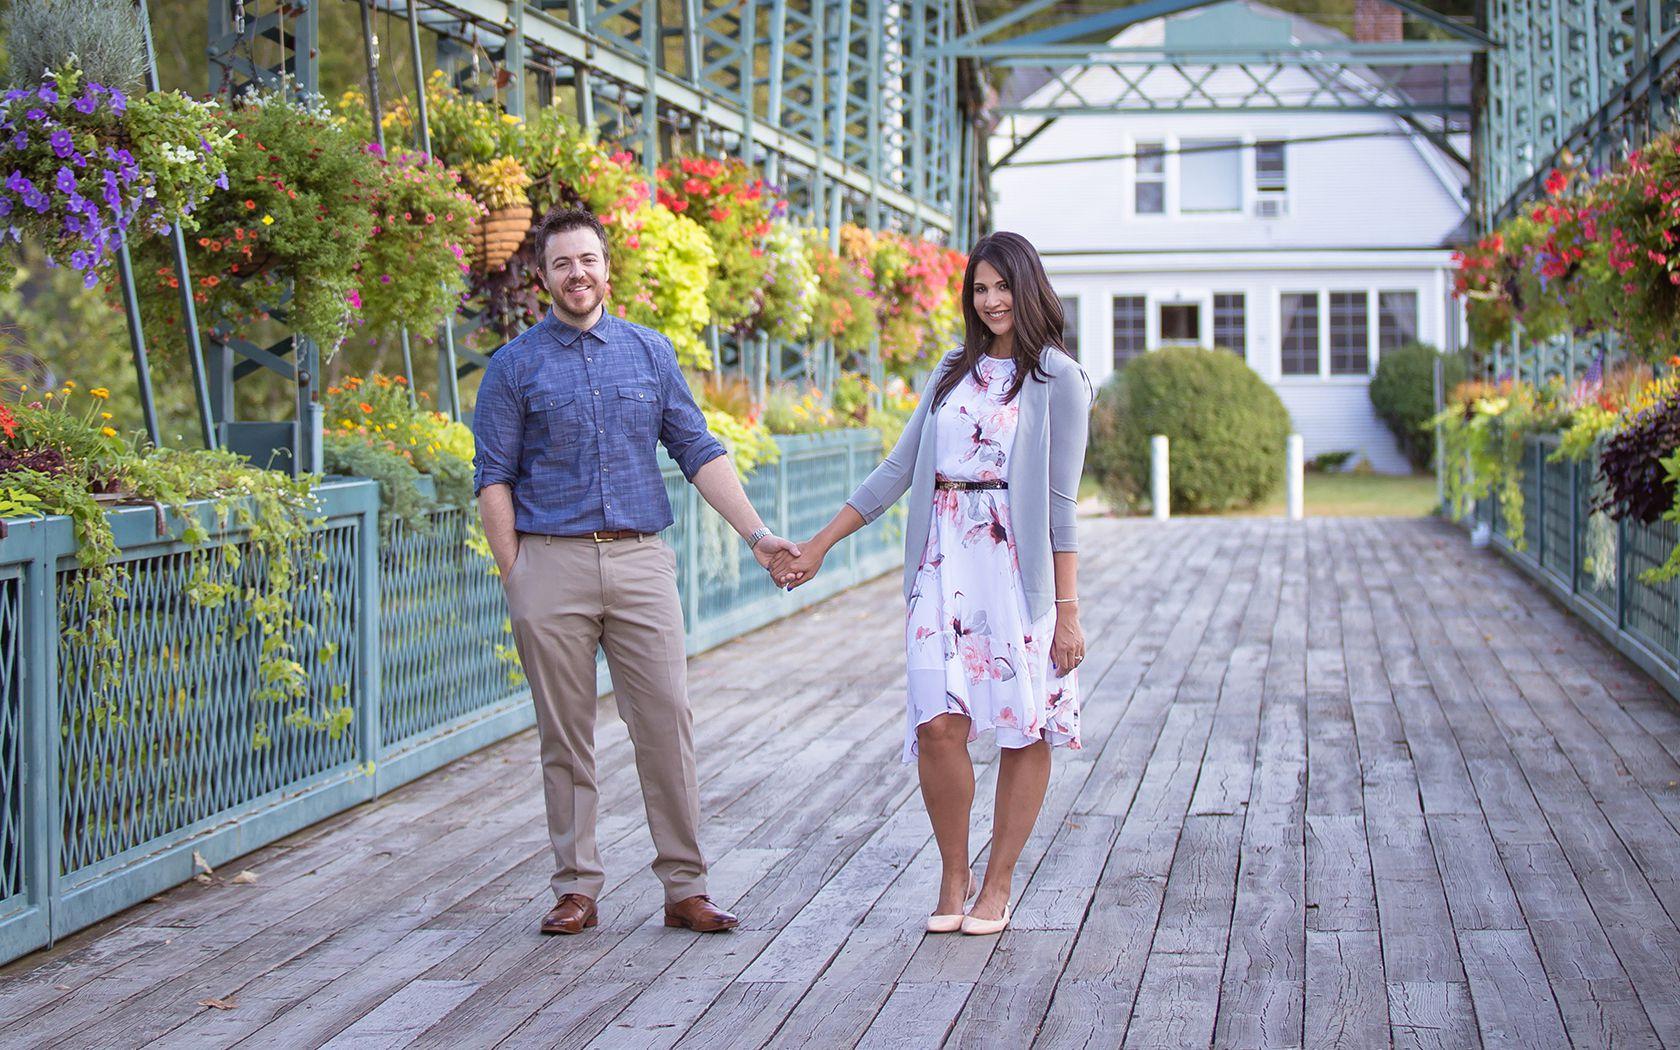 Bruce and Vanessa Lambert from Pixel and Code Studio on the Simsbury Flower Bridge